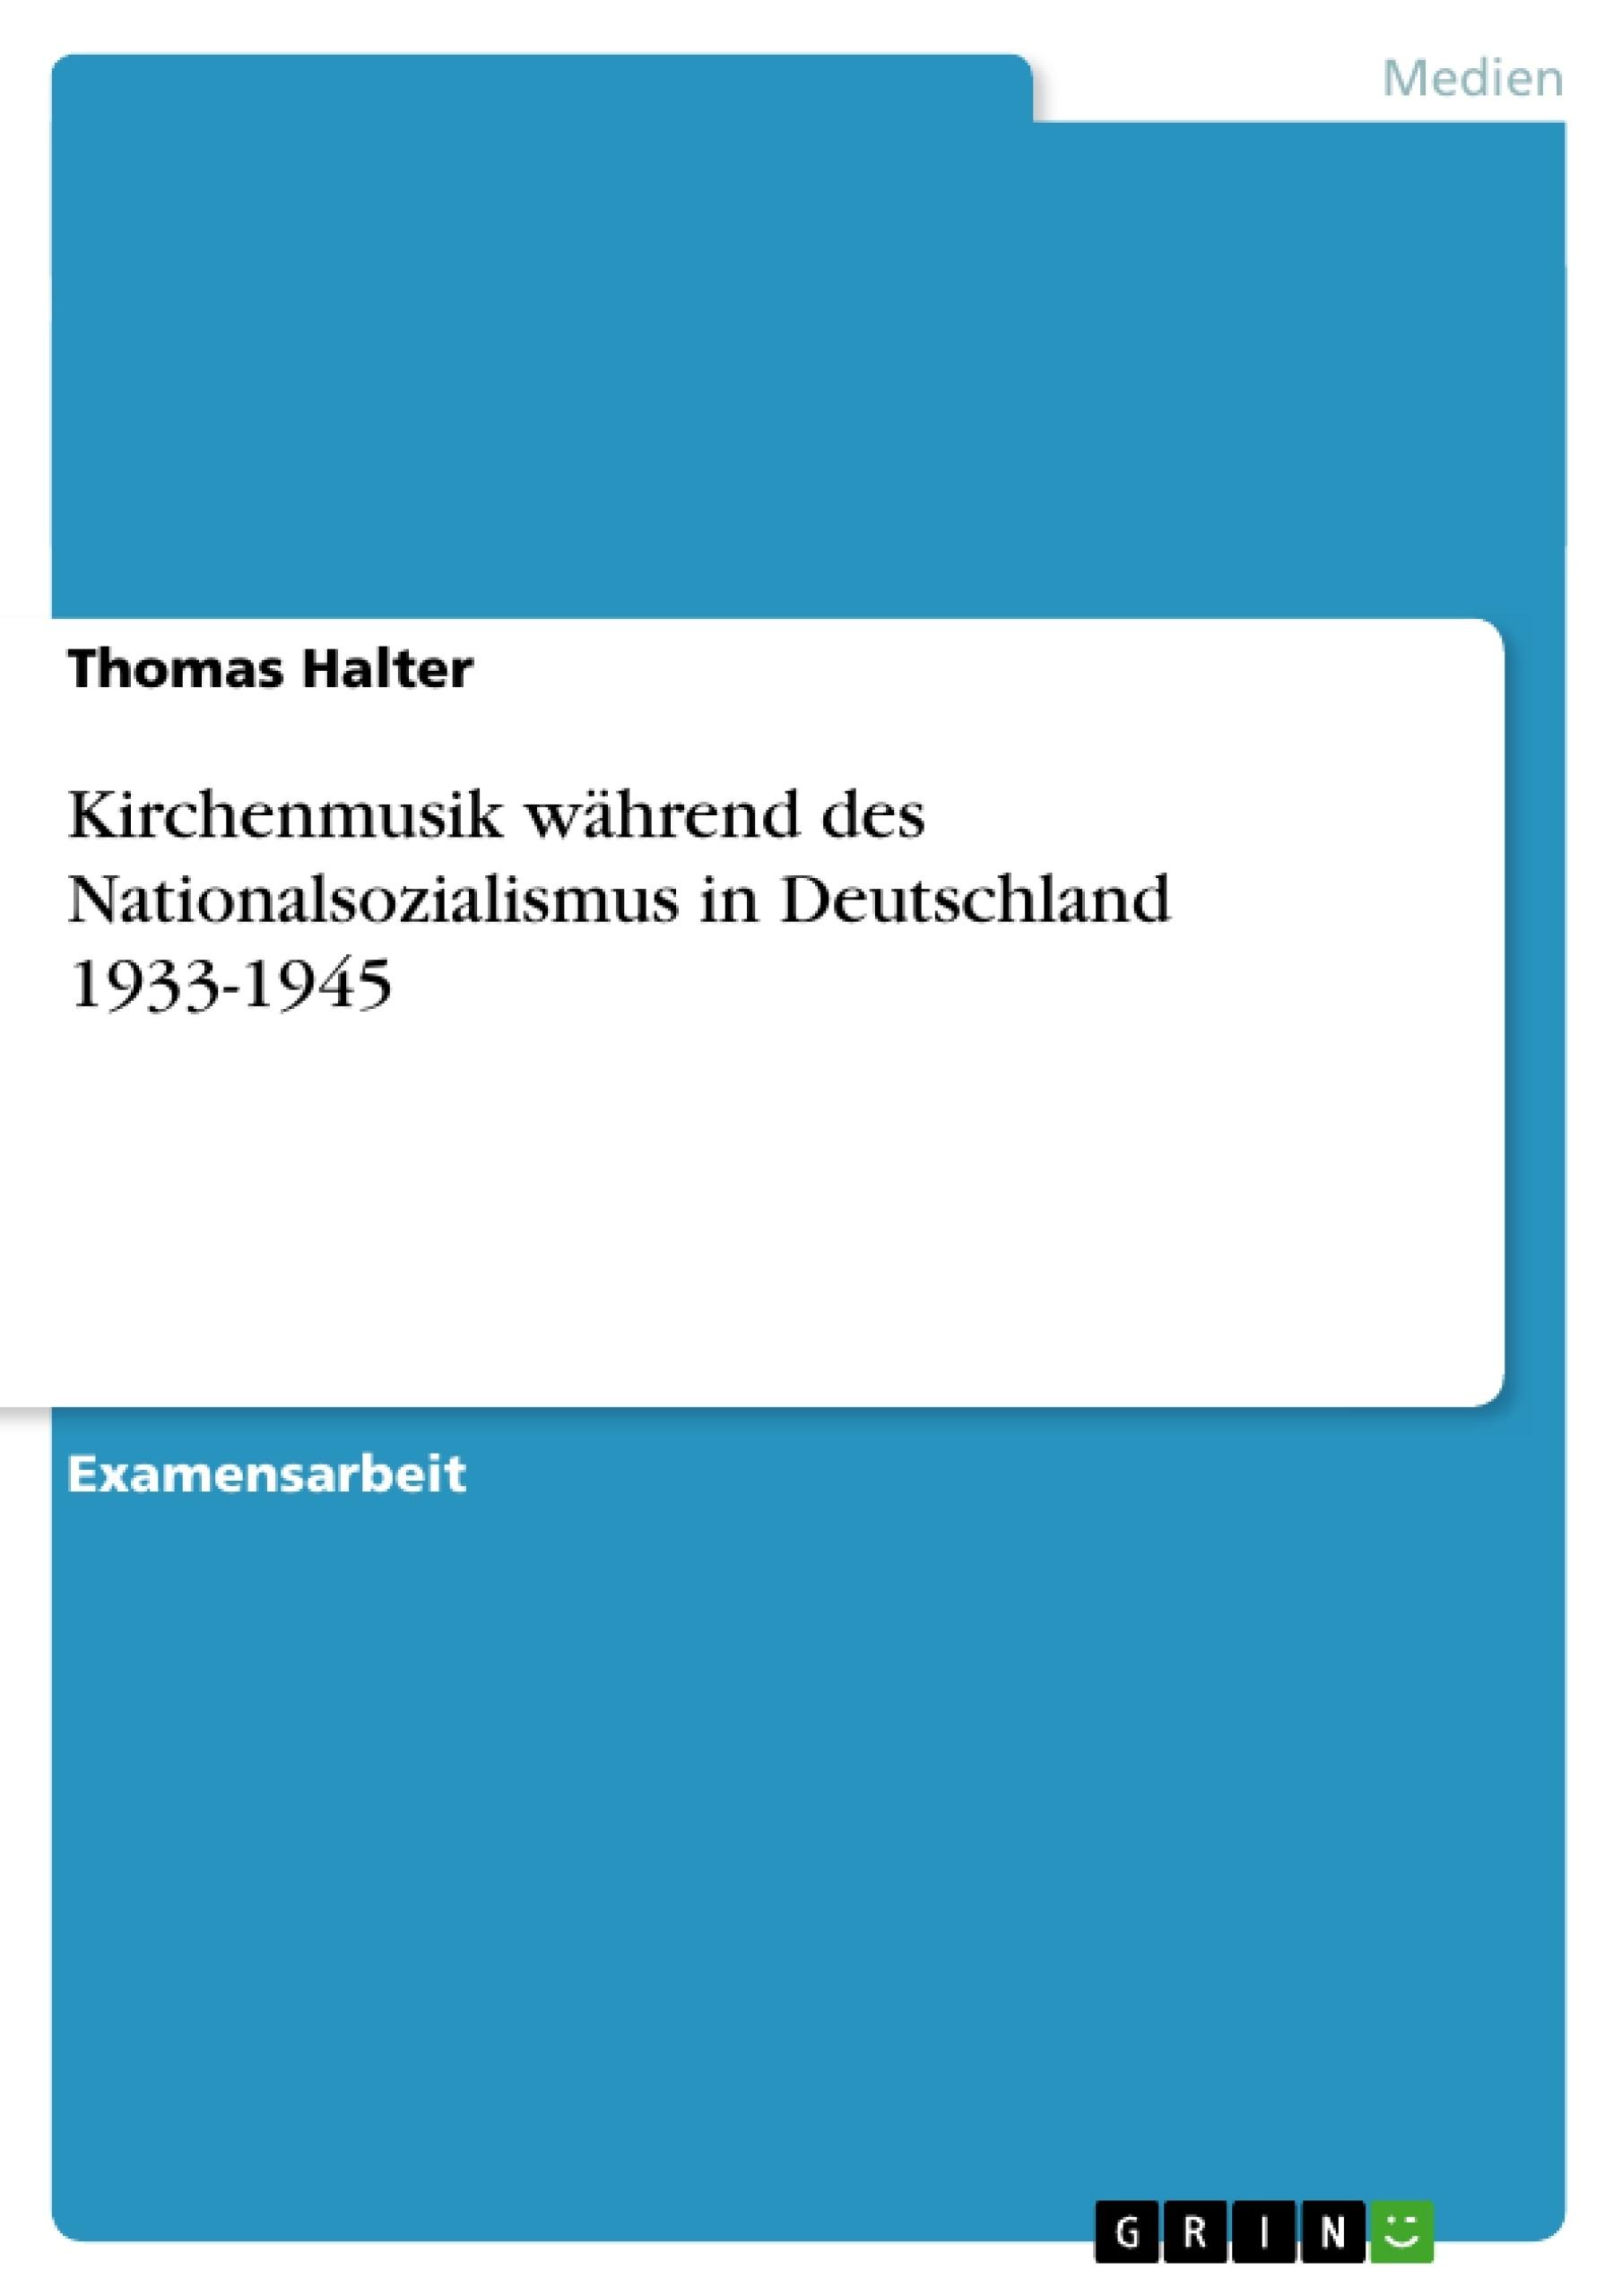 Titel: Kirchenmusik während des Nationalsozialismus in Deutschland 1933-1945